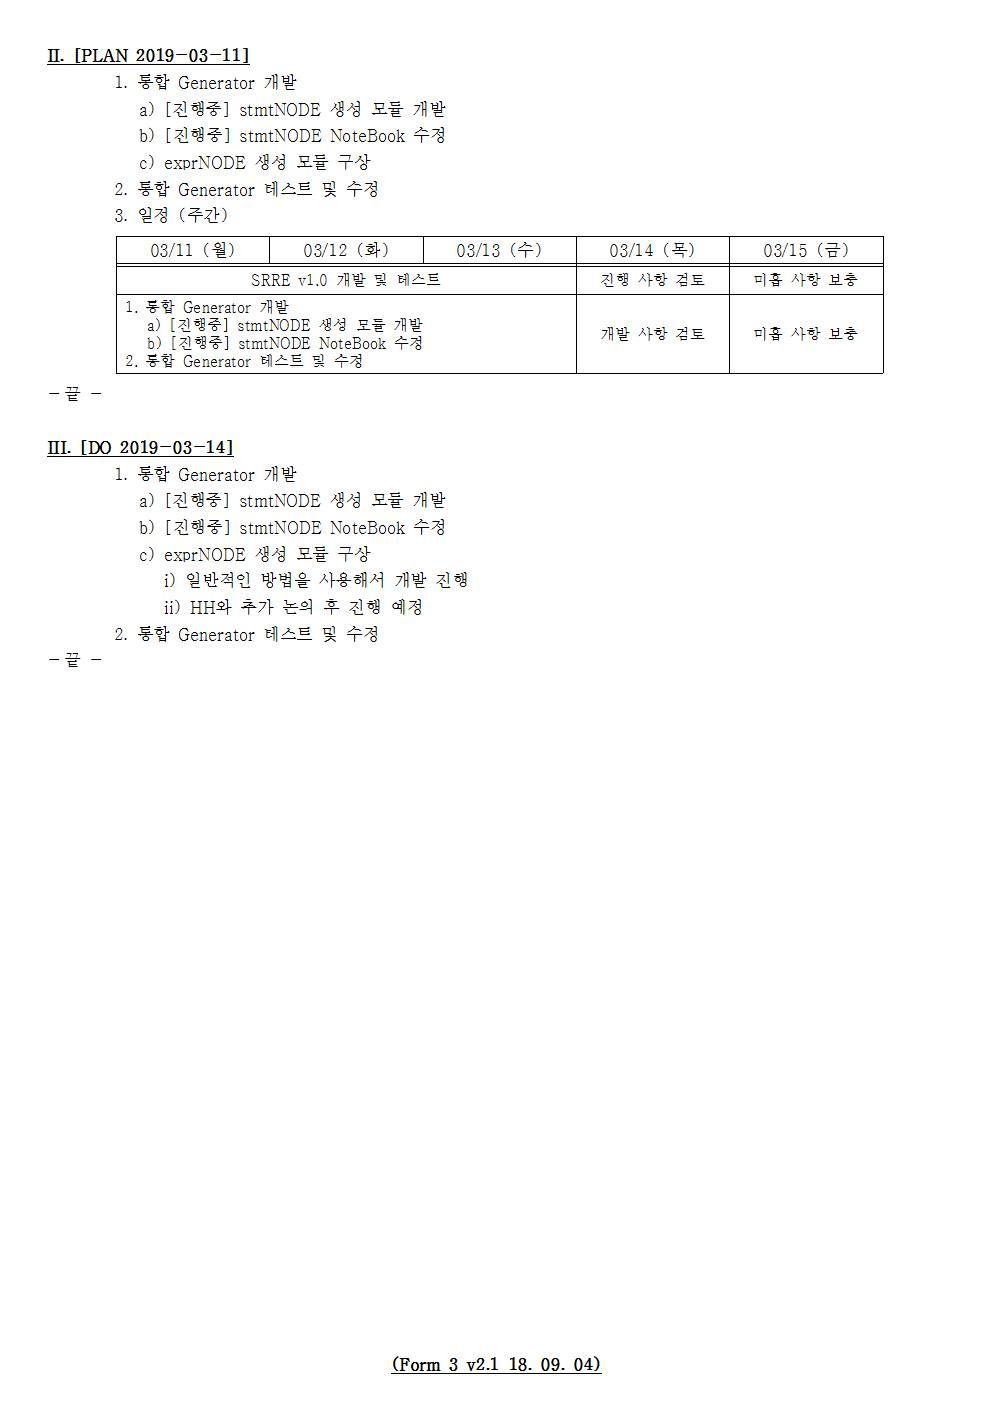 D-[19-003-RD-03]-[Tool-SRRE-1.X]-[2019-03-14][JS]002.jpg